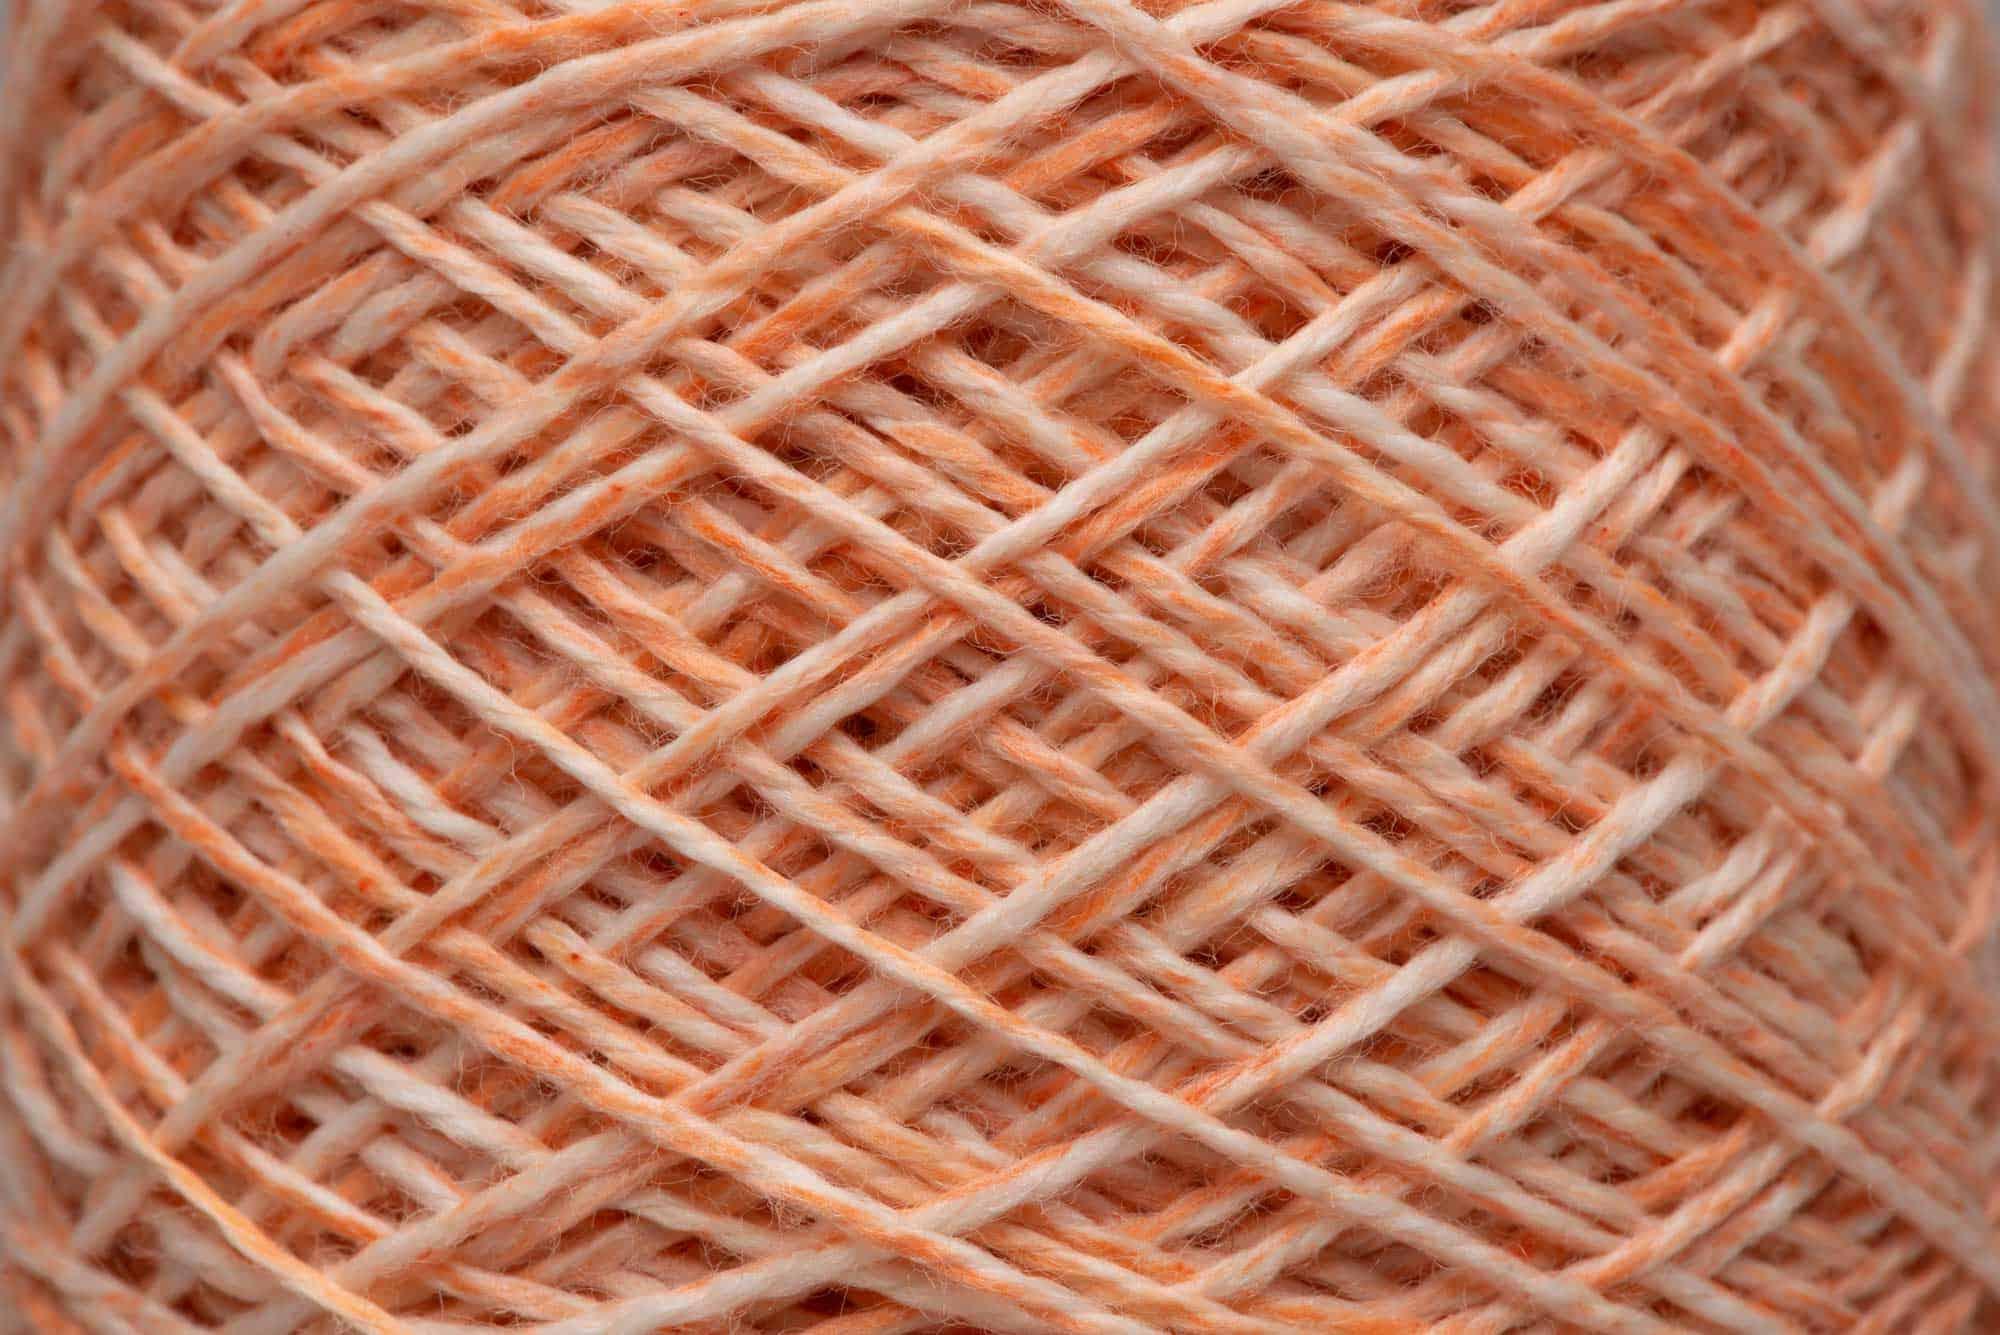 Ercolano Orange-dyed 100% Merino Wool